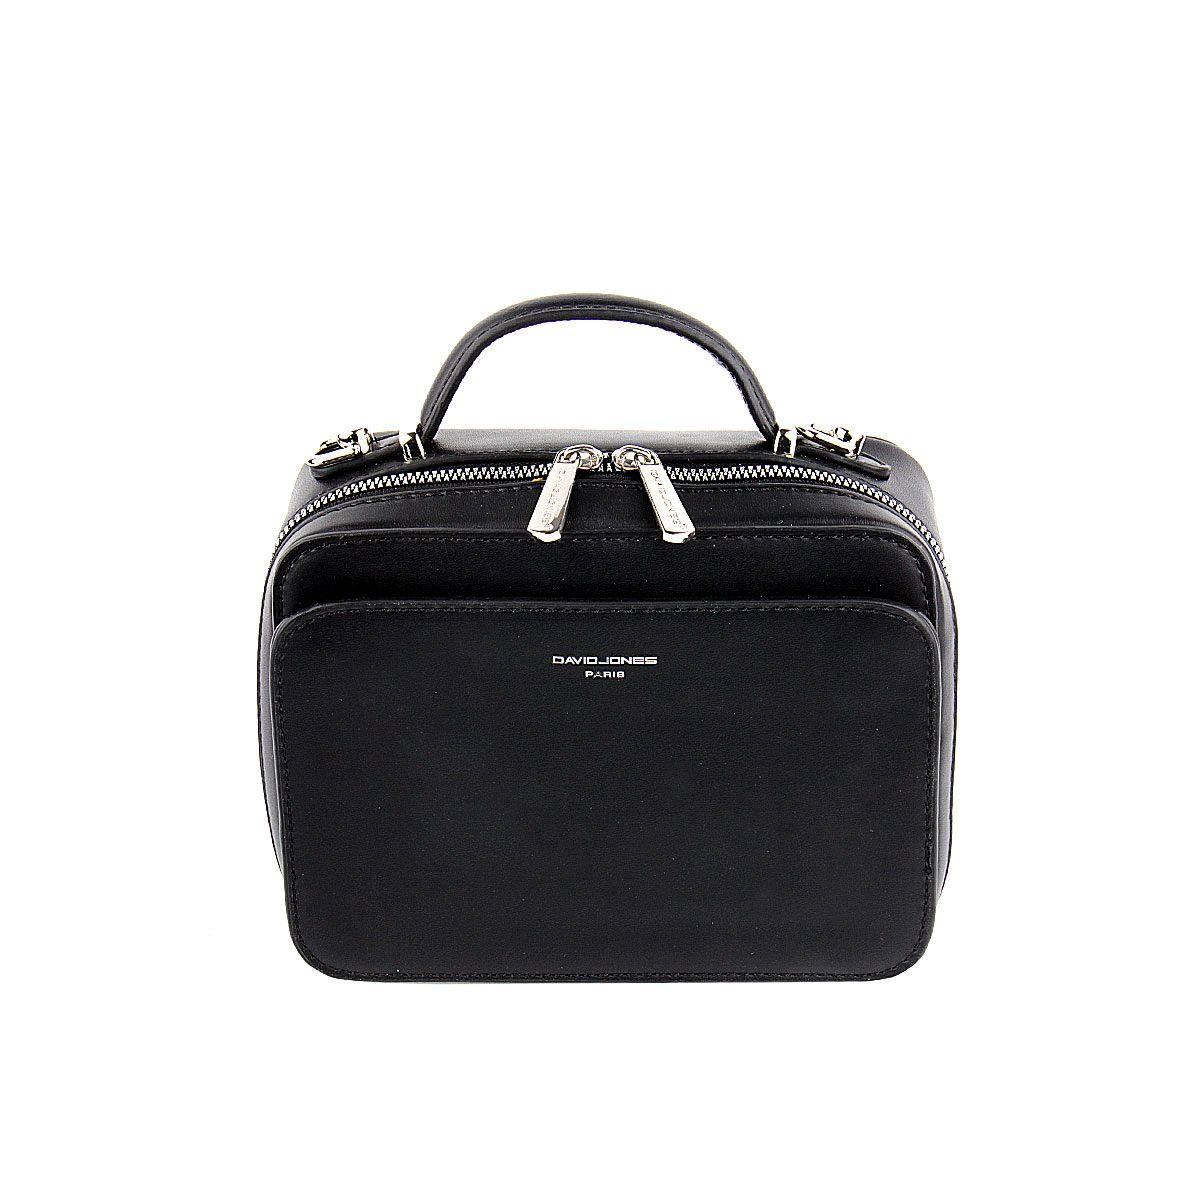 کیف رو دوشی زنانه دیوید جونز مدل 5662 -  - 2